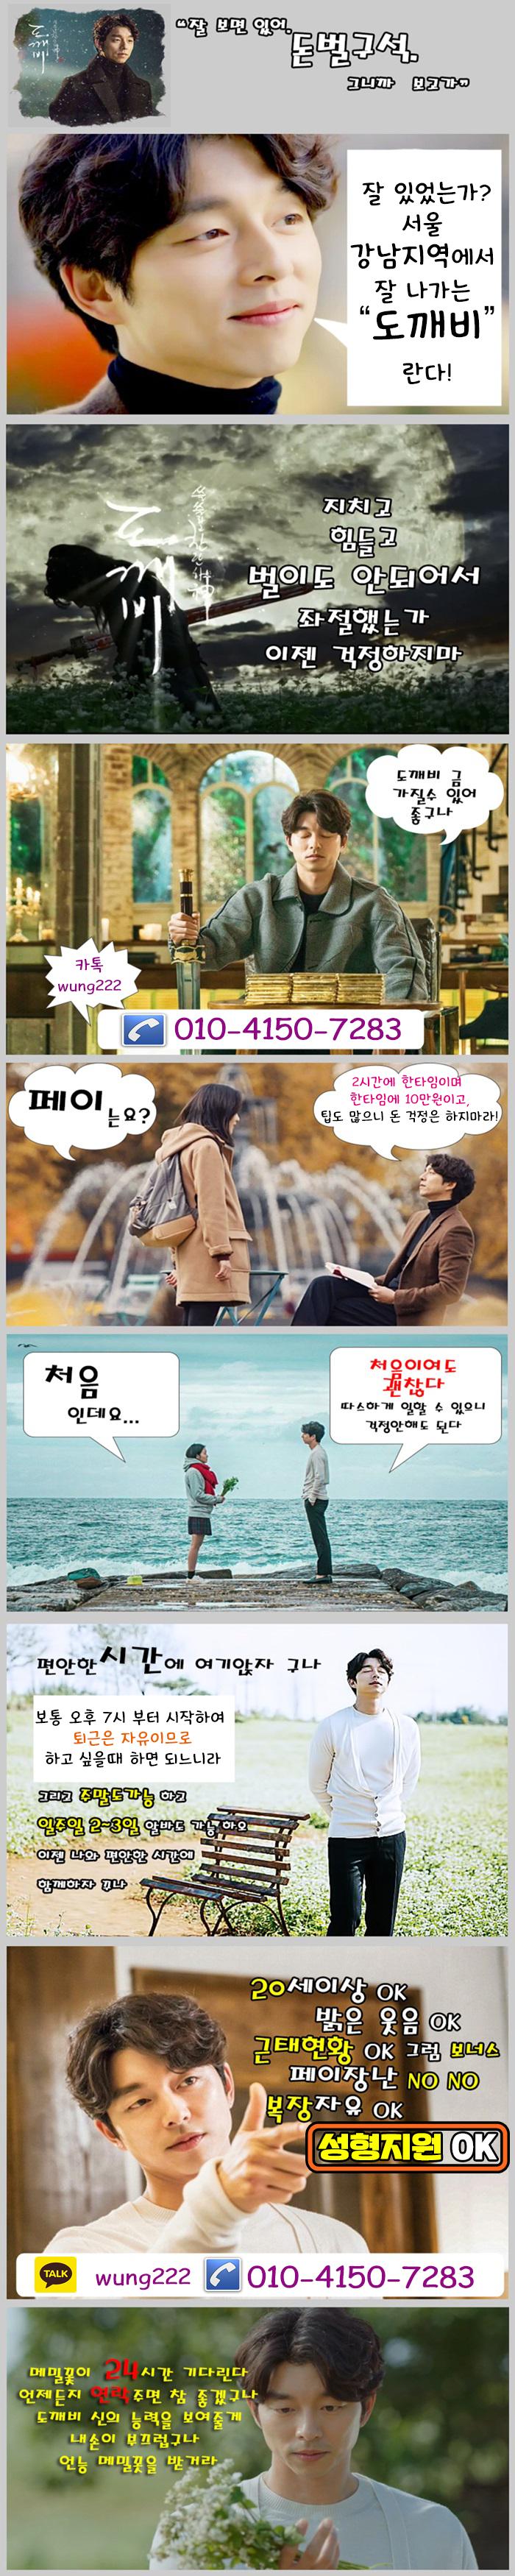 미미알바 서울 강남 도깨비룸싸롱 소개글